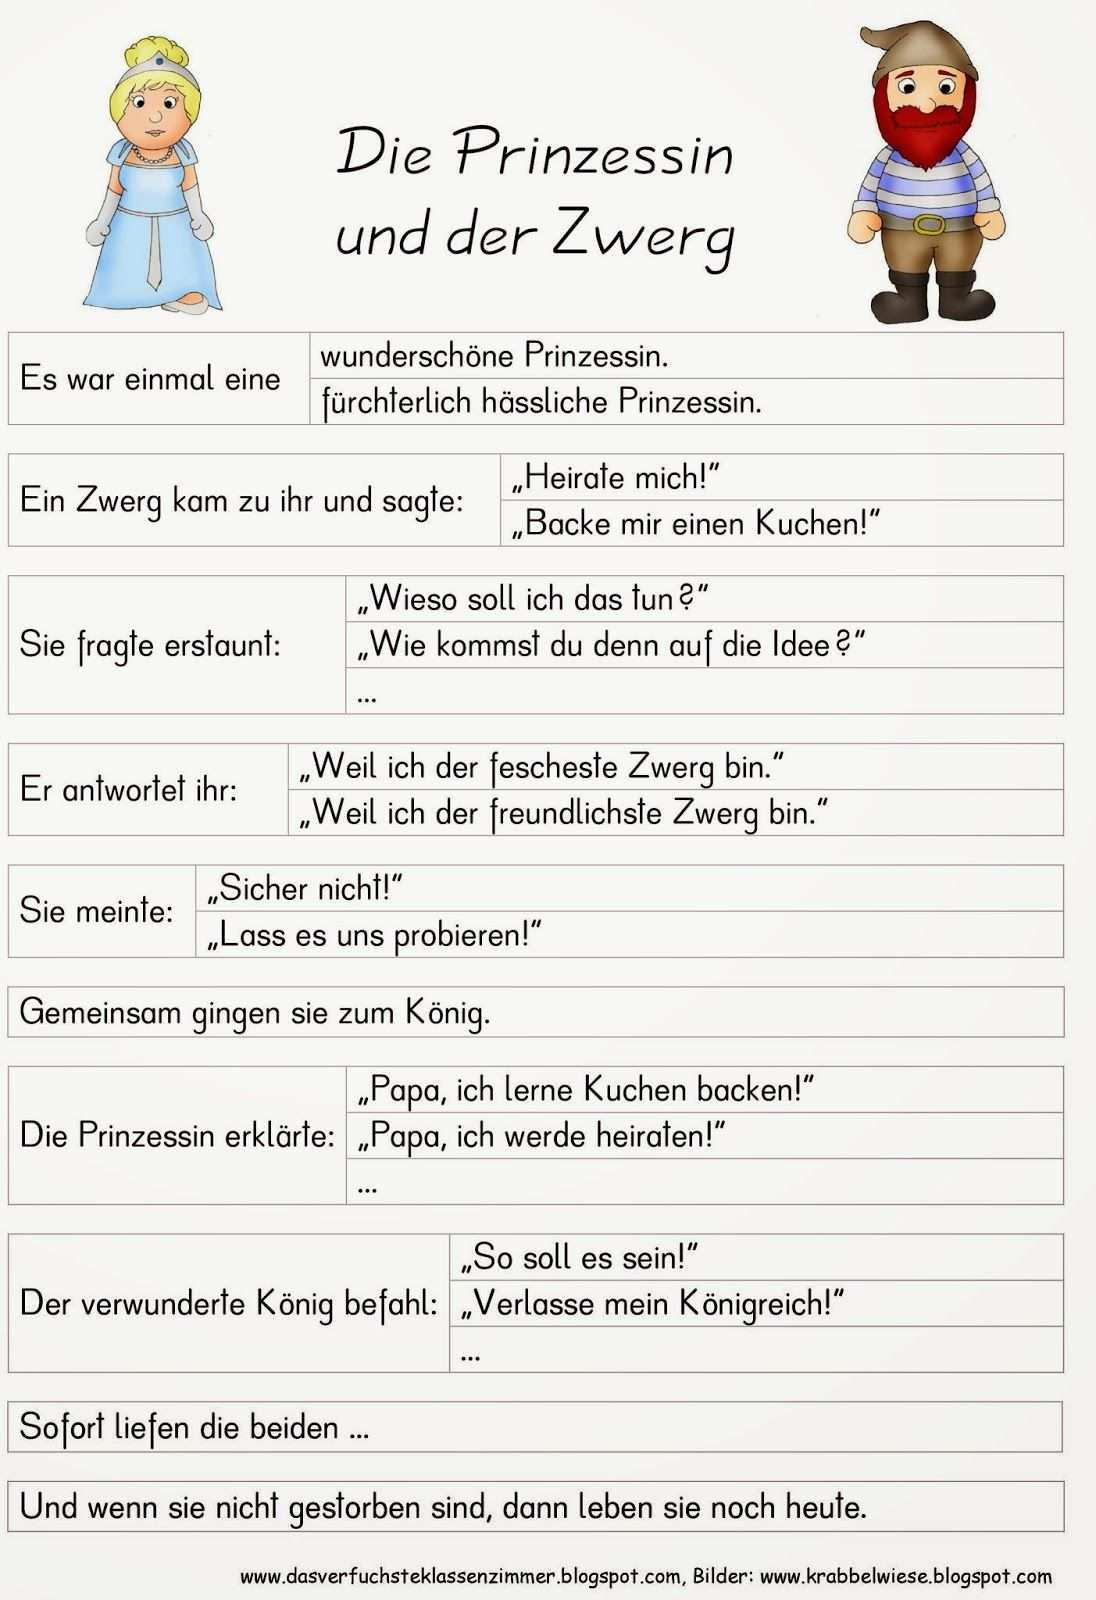 Das Verfuchste Klassenzimmer Entscheidungsgeschichte Die Prinzessin Und Der Zwerg Marchen Grundschule Ideen Fur Das Klassenzimmer Gedichte Fur Kinder